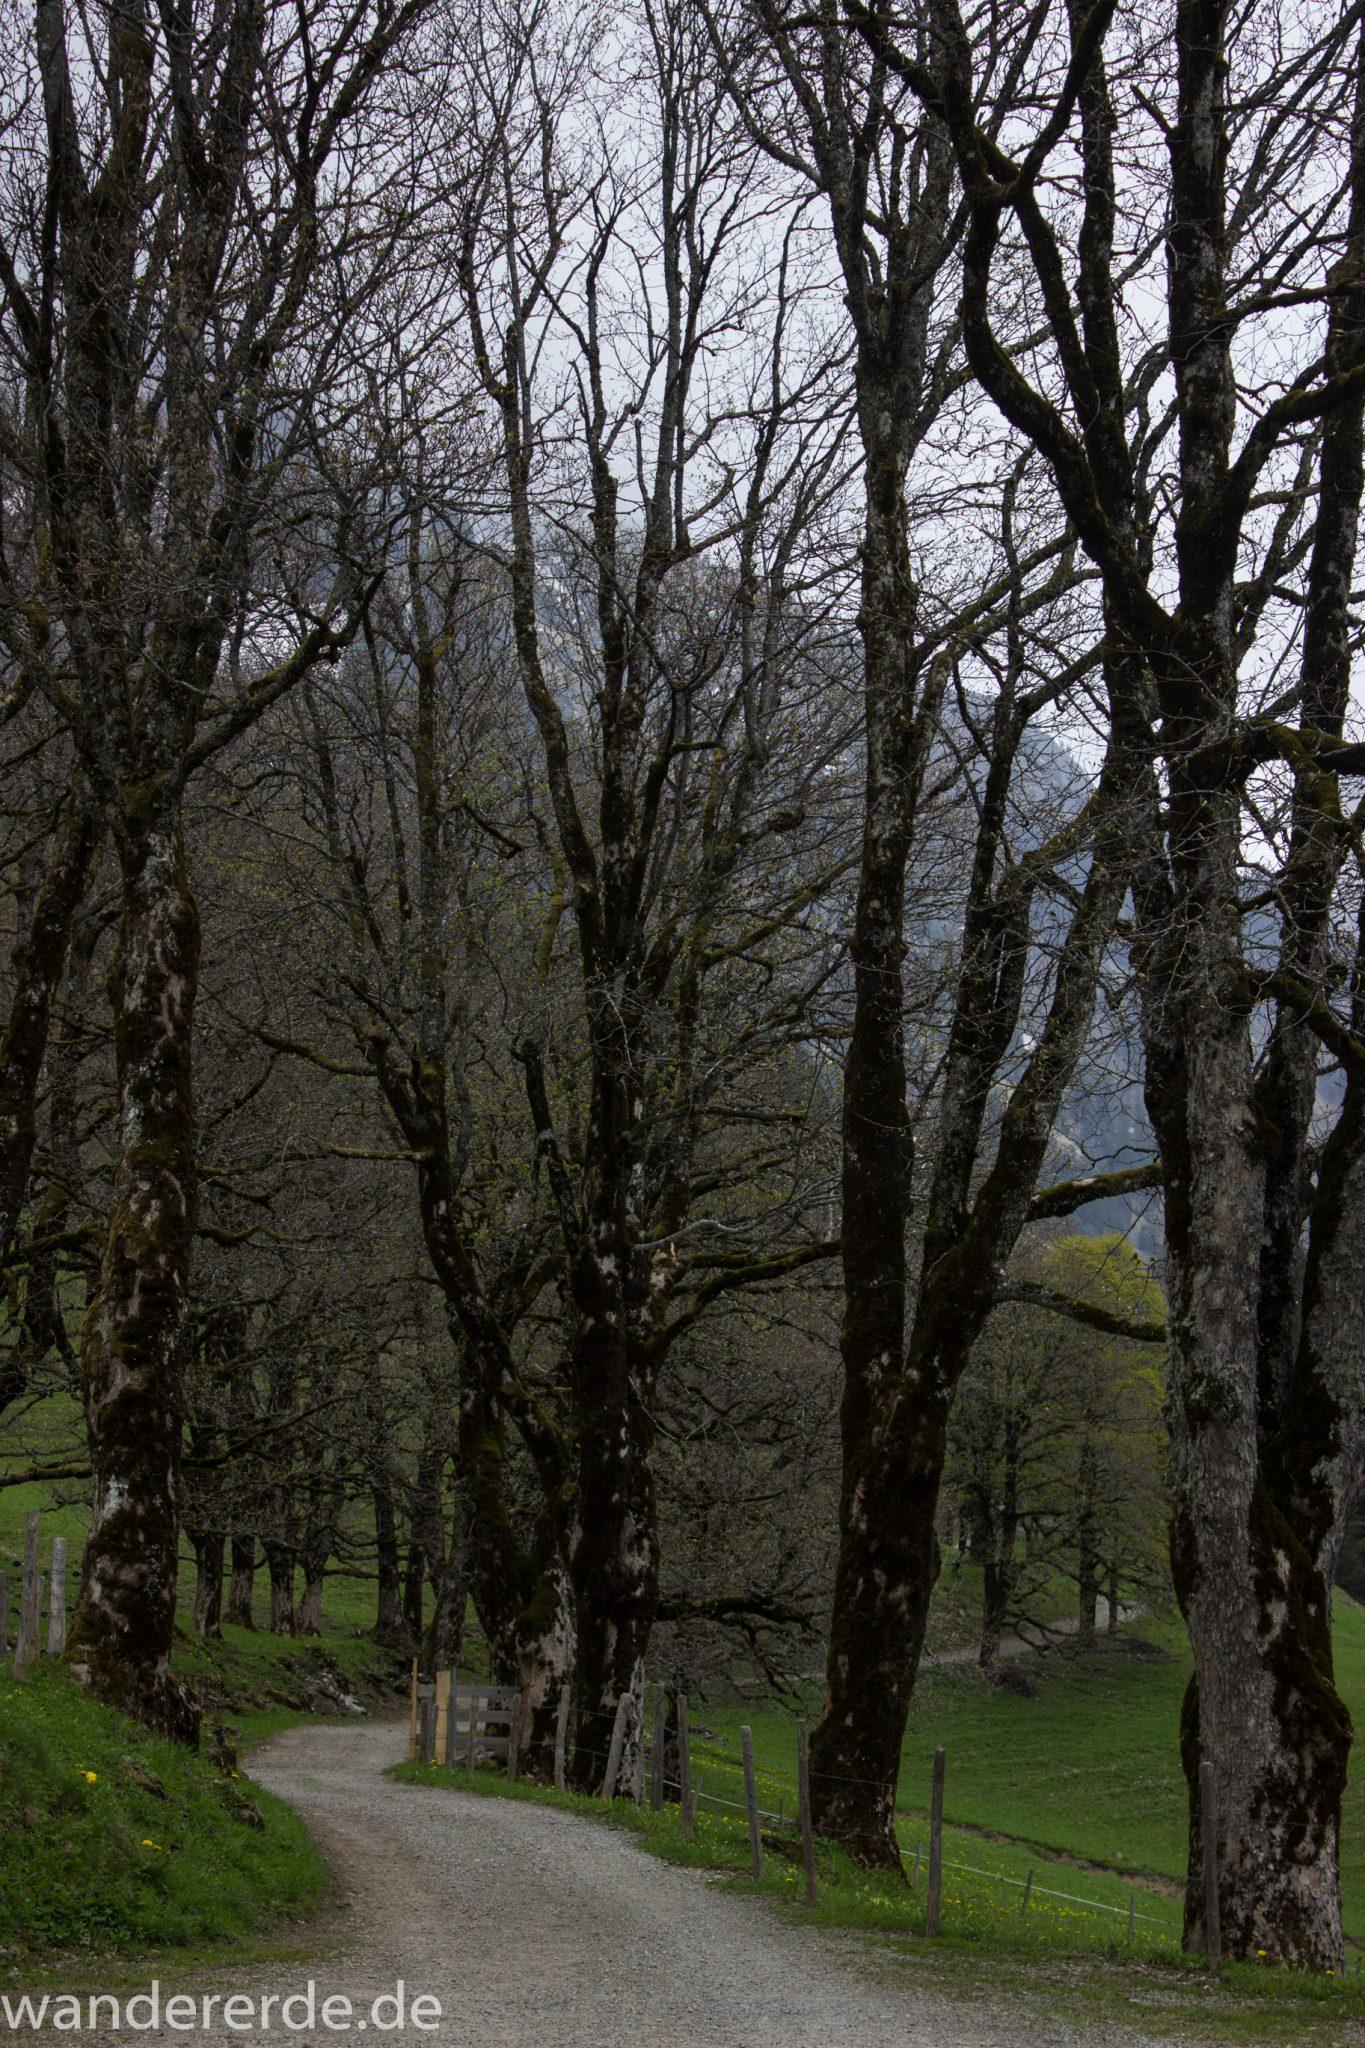 Wanderung Oberstdorf nach Gerstruben im Allgäu, Bayern, Wanderweg Rautweg führt zu schöner Ebene in den Allgäuer Alpen, kaum noch Menschen begegnen uns, Bäume blühen noch nicht in den Bergen Ende Mai, saftig grüne Wiesen, beeindruckende Aussicht auf umliegende Berge